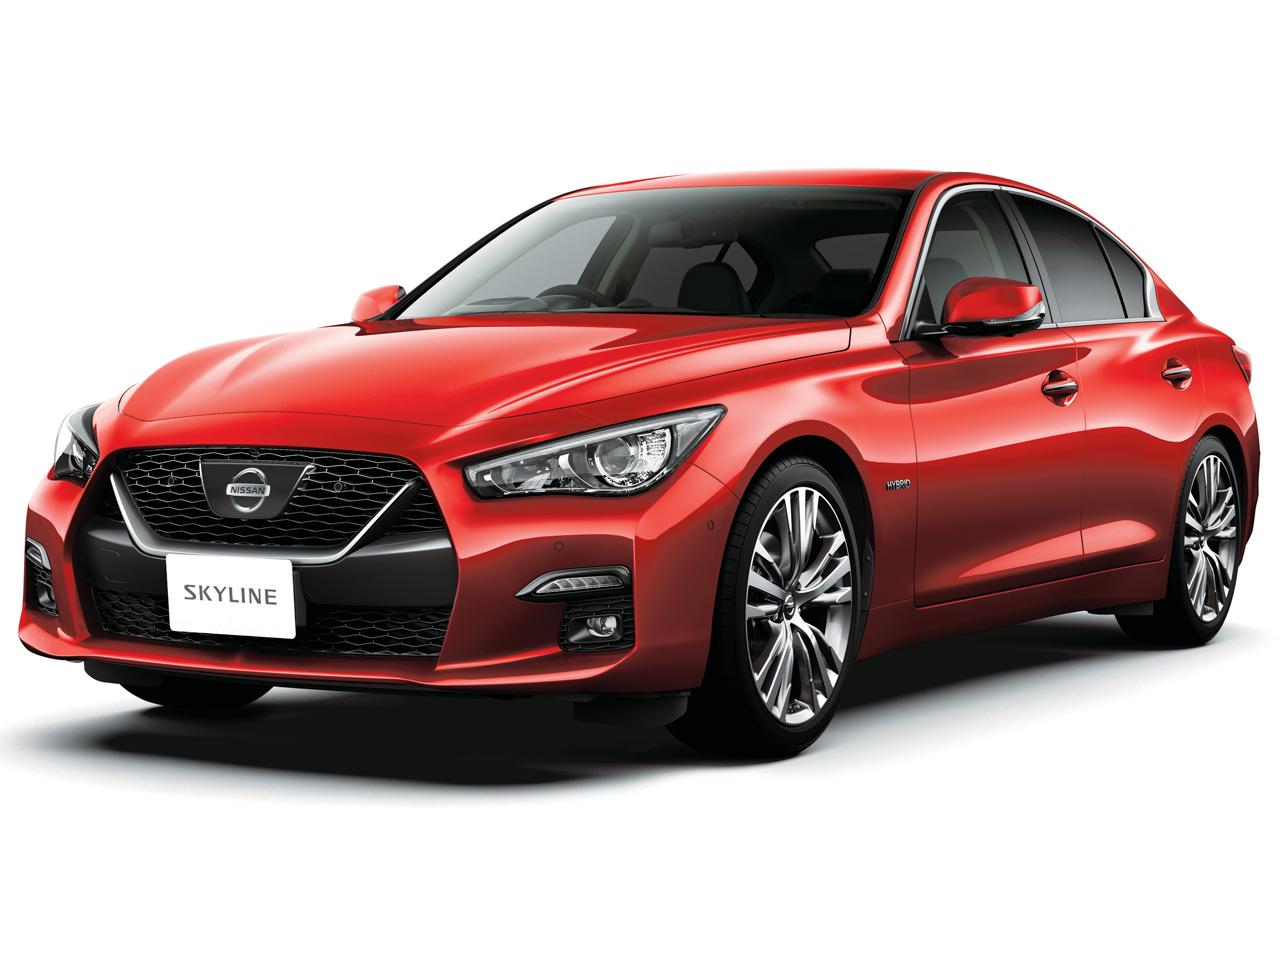 日産 スカイライン ハイブリッド 2014年モデル 新車画像